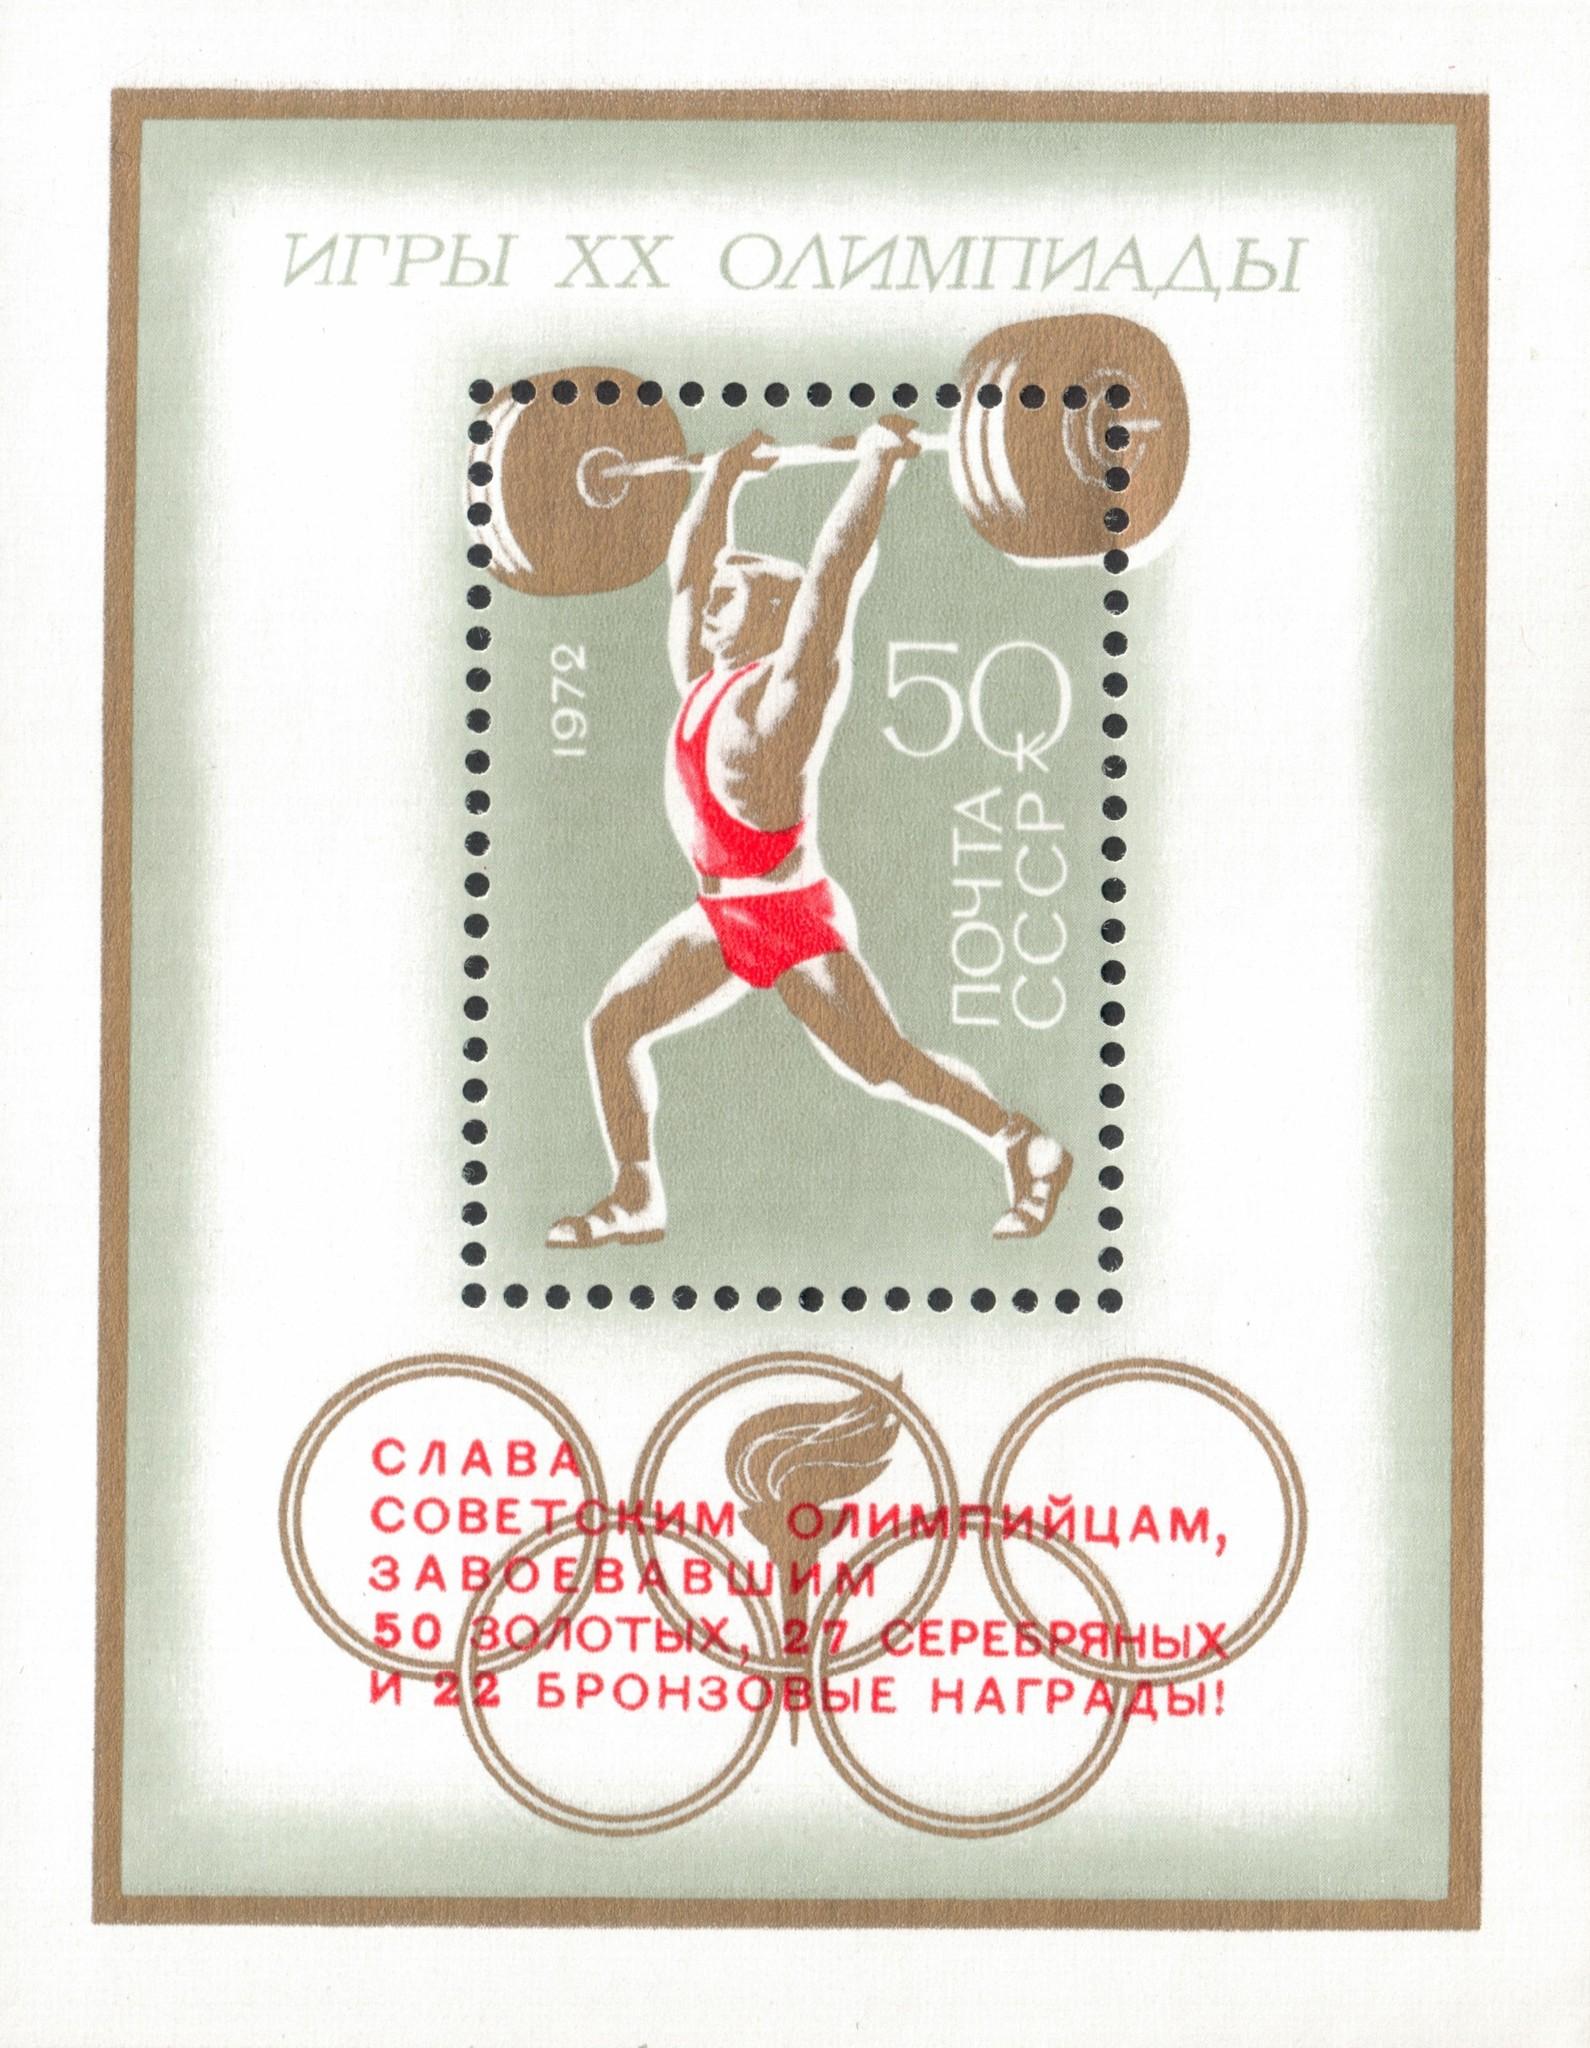 XX летние Олимпийские игры проводились в Мюнхене